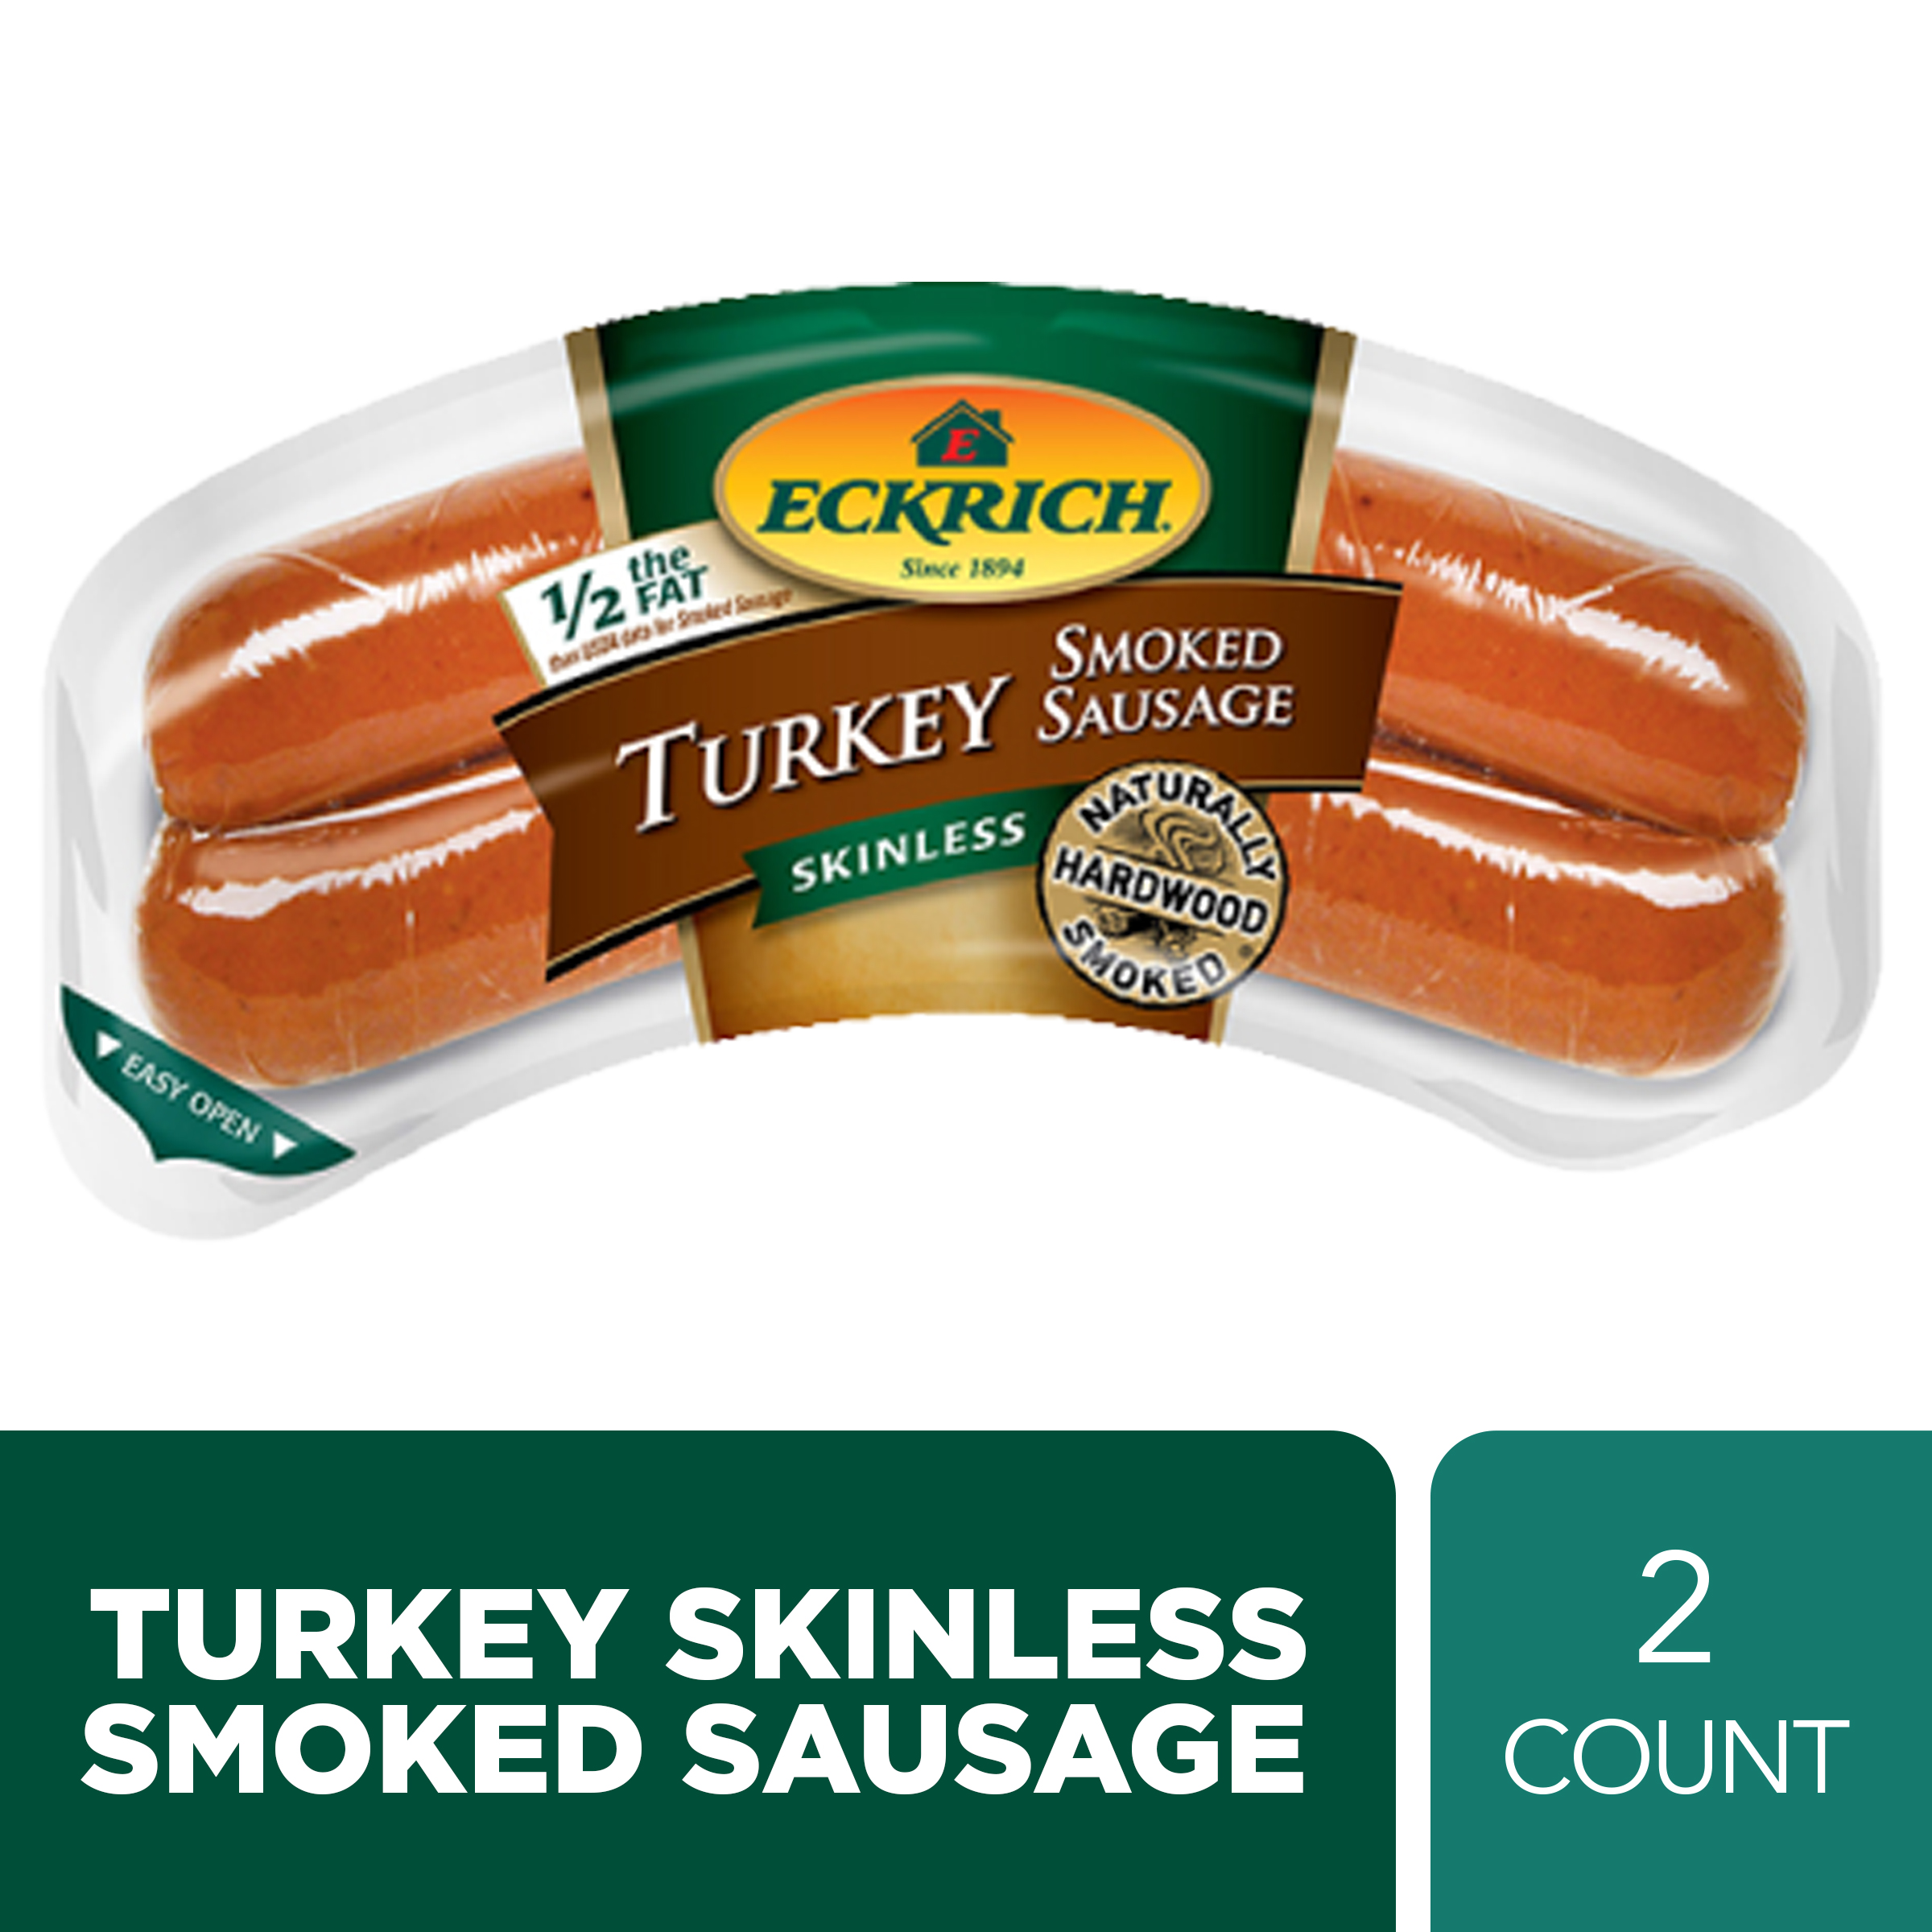 Eckrich Skinless Turkey Smoked Sausage 13 oz - Walmart ...